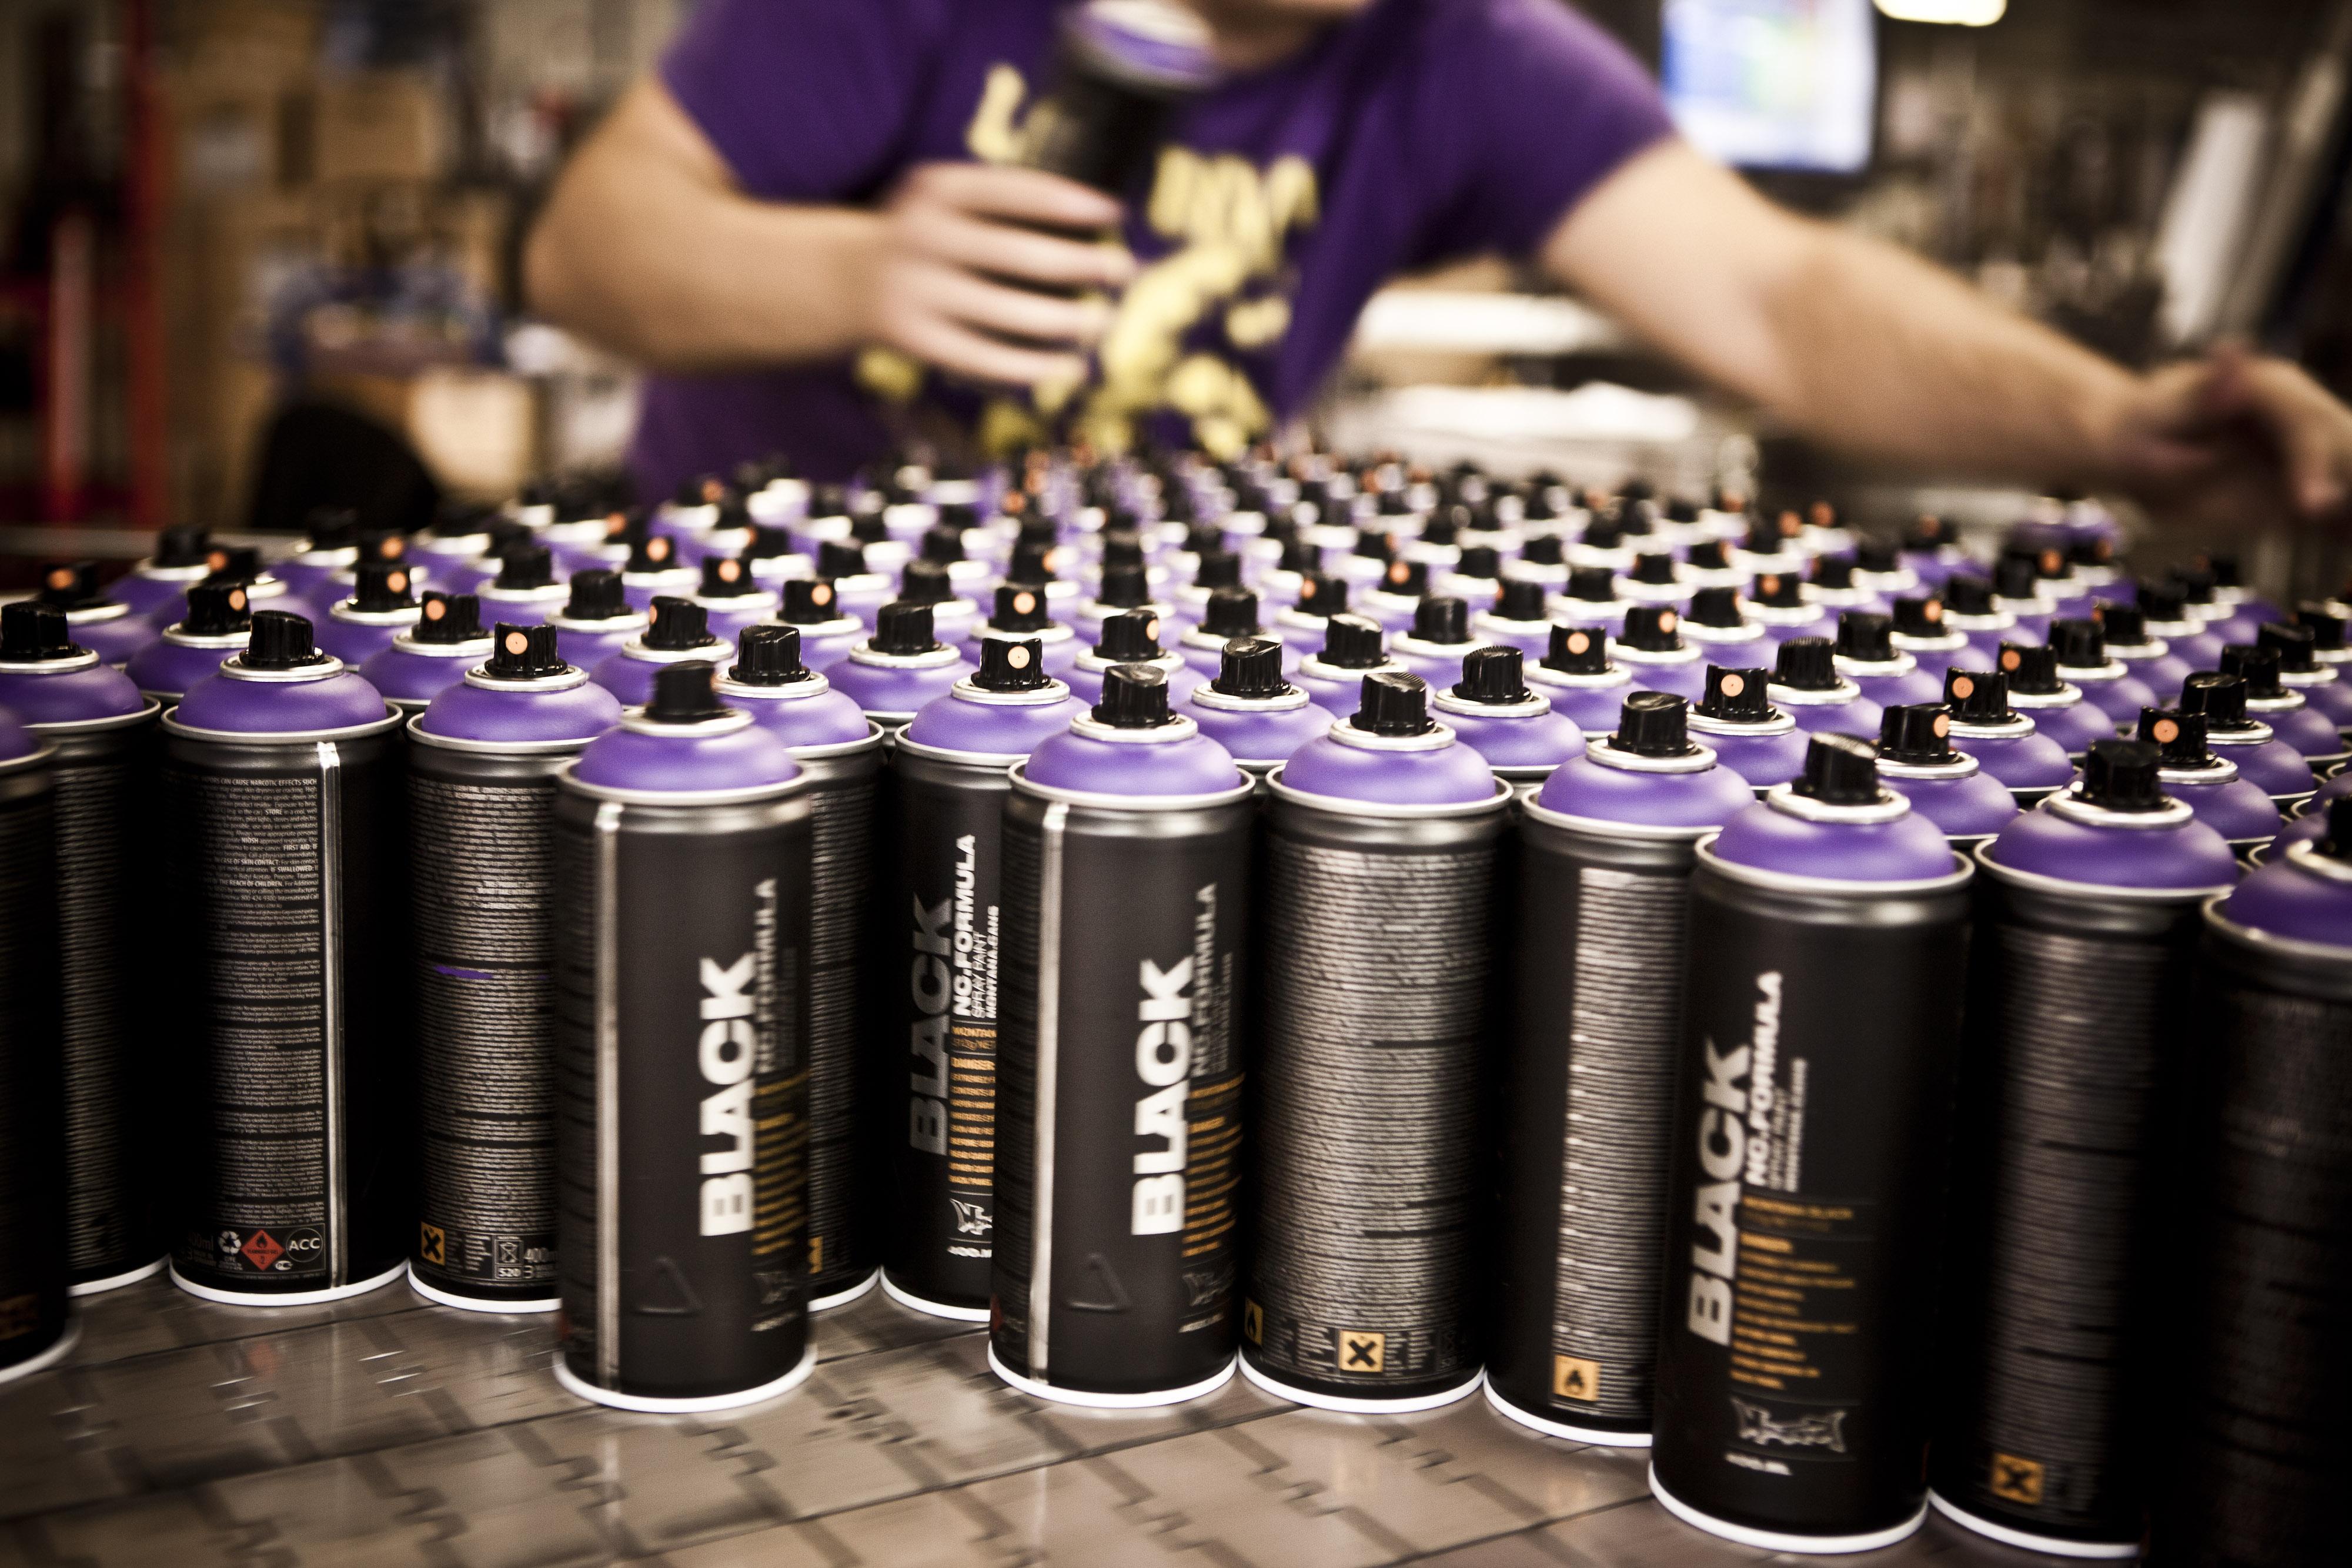 Montana Black - Graffiti spray paint